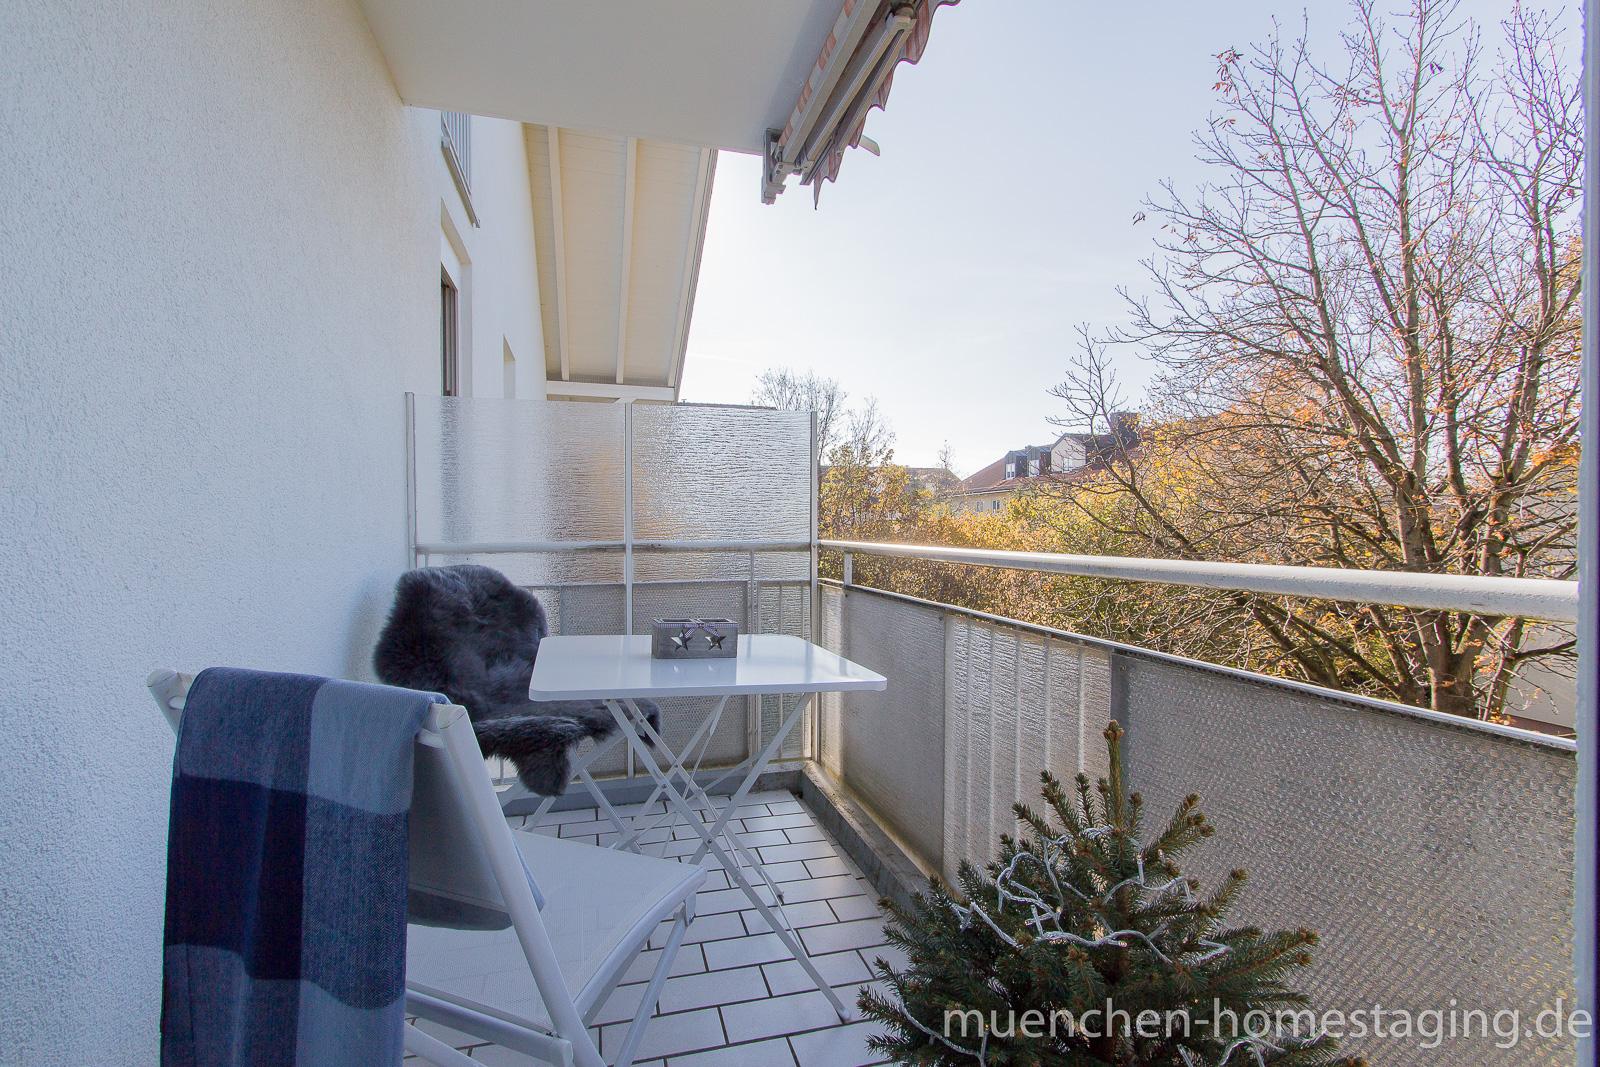 Faszinierend Homestaging München Referenz Von Bestandsimmobilie – München Nachher